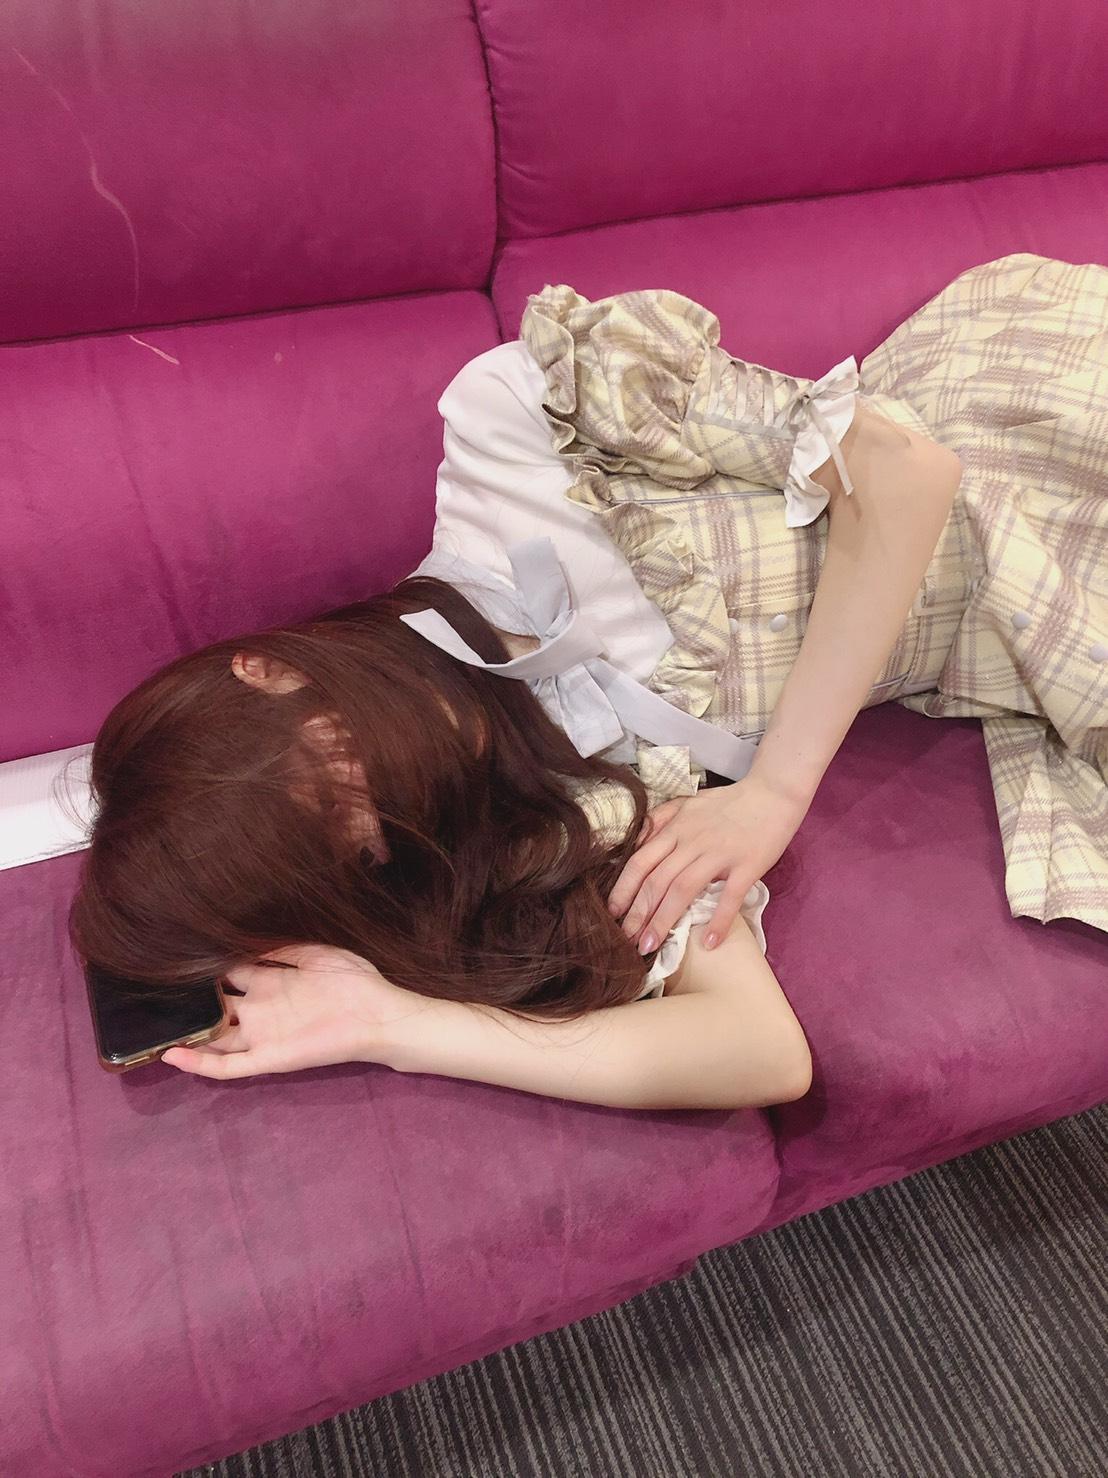 みりにゃ様、睡眠の妨害をしてしまいすみません。何でもします(?)。